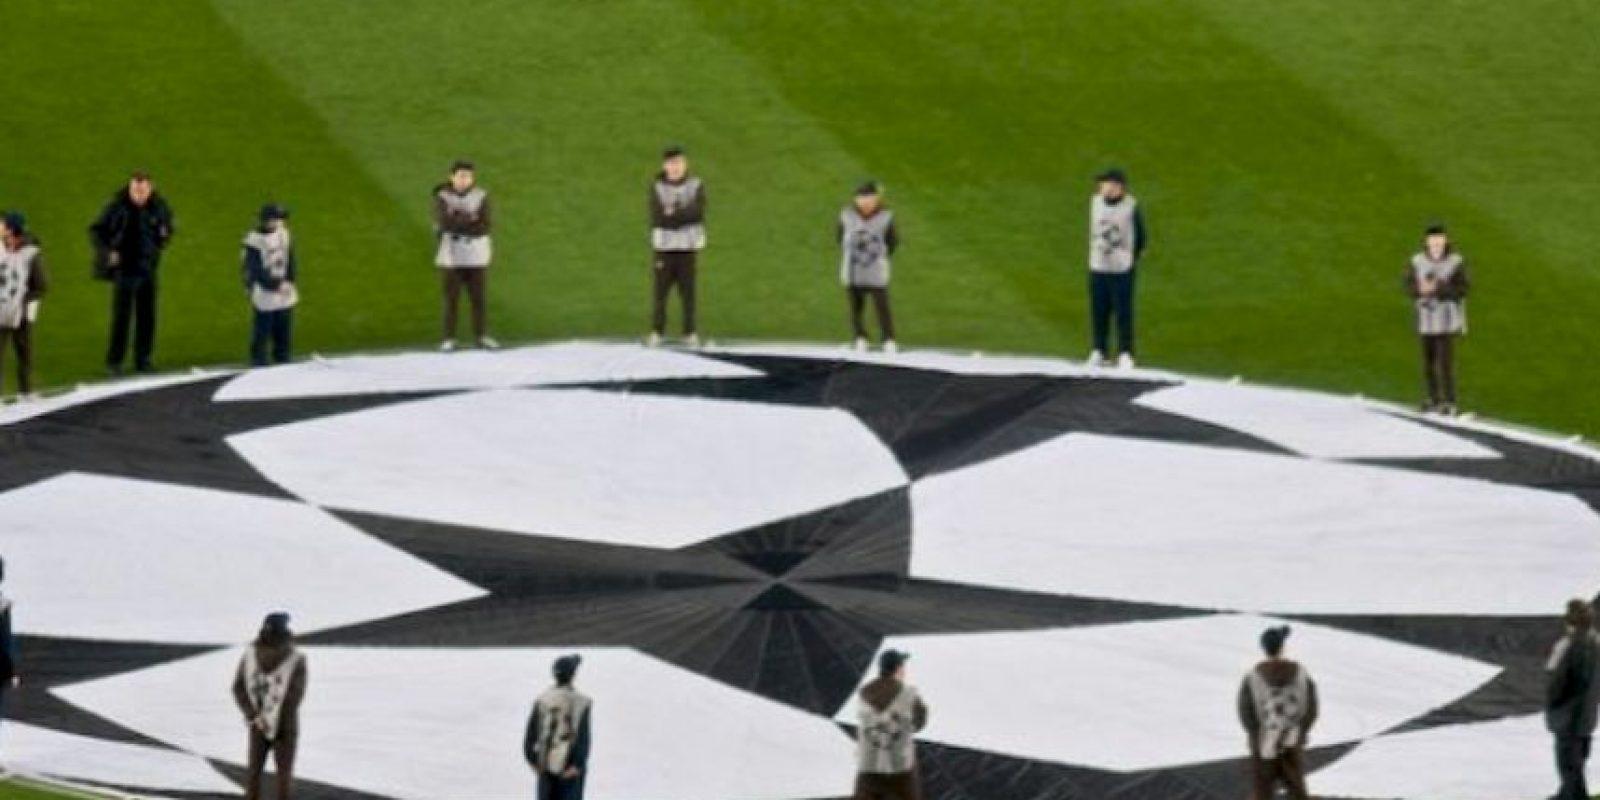 Todos los clubes que juegan la fase de grupos ganan 12 millones de euros, más 500 mil euros por empate y 1.5 millones de euros por triunfo, además de 5.5 millones por clasificar a octavos de final Foto:Getty Images